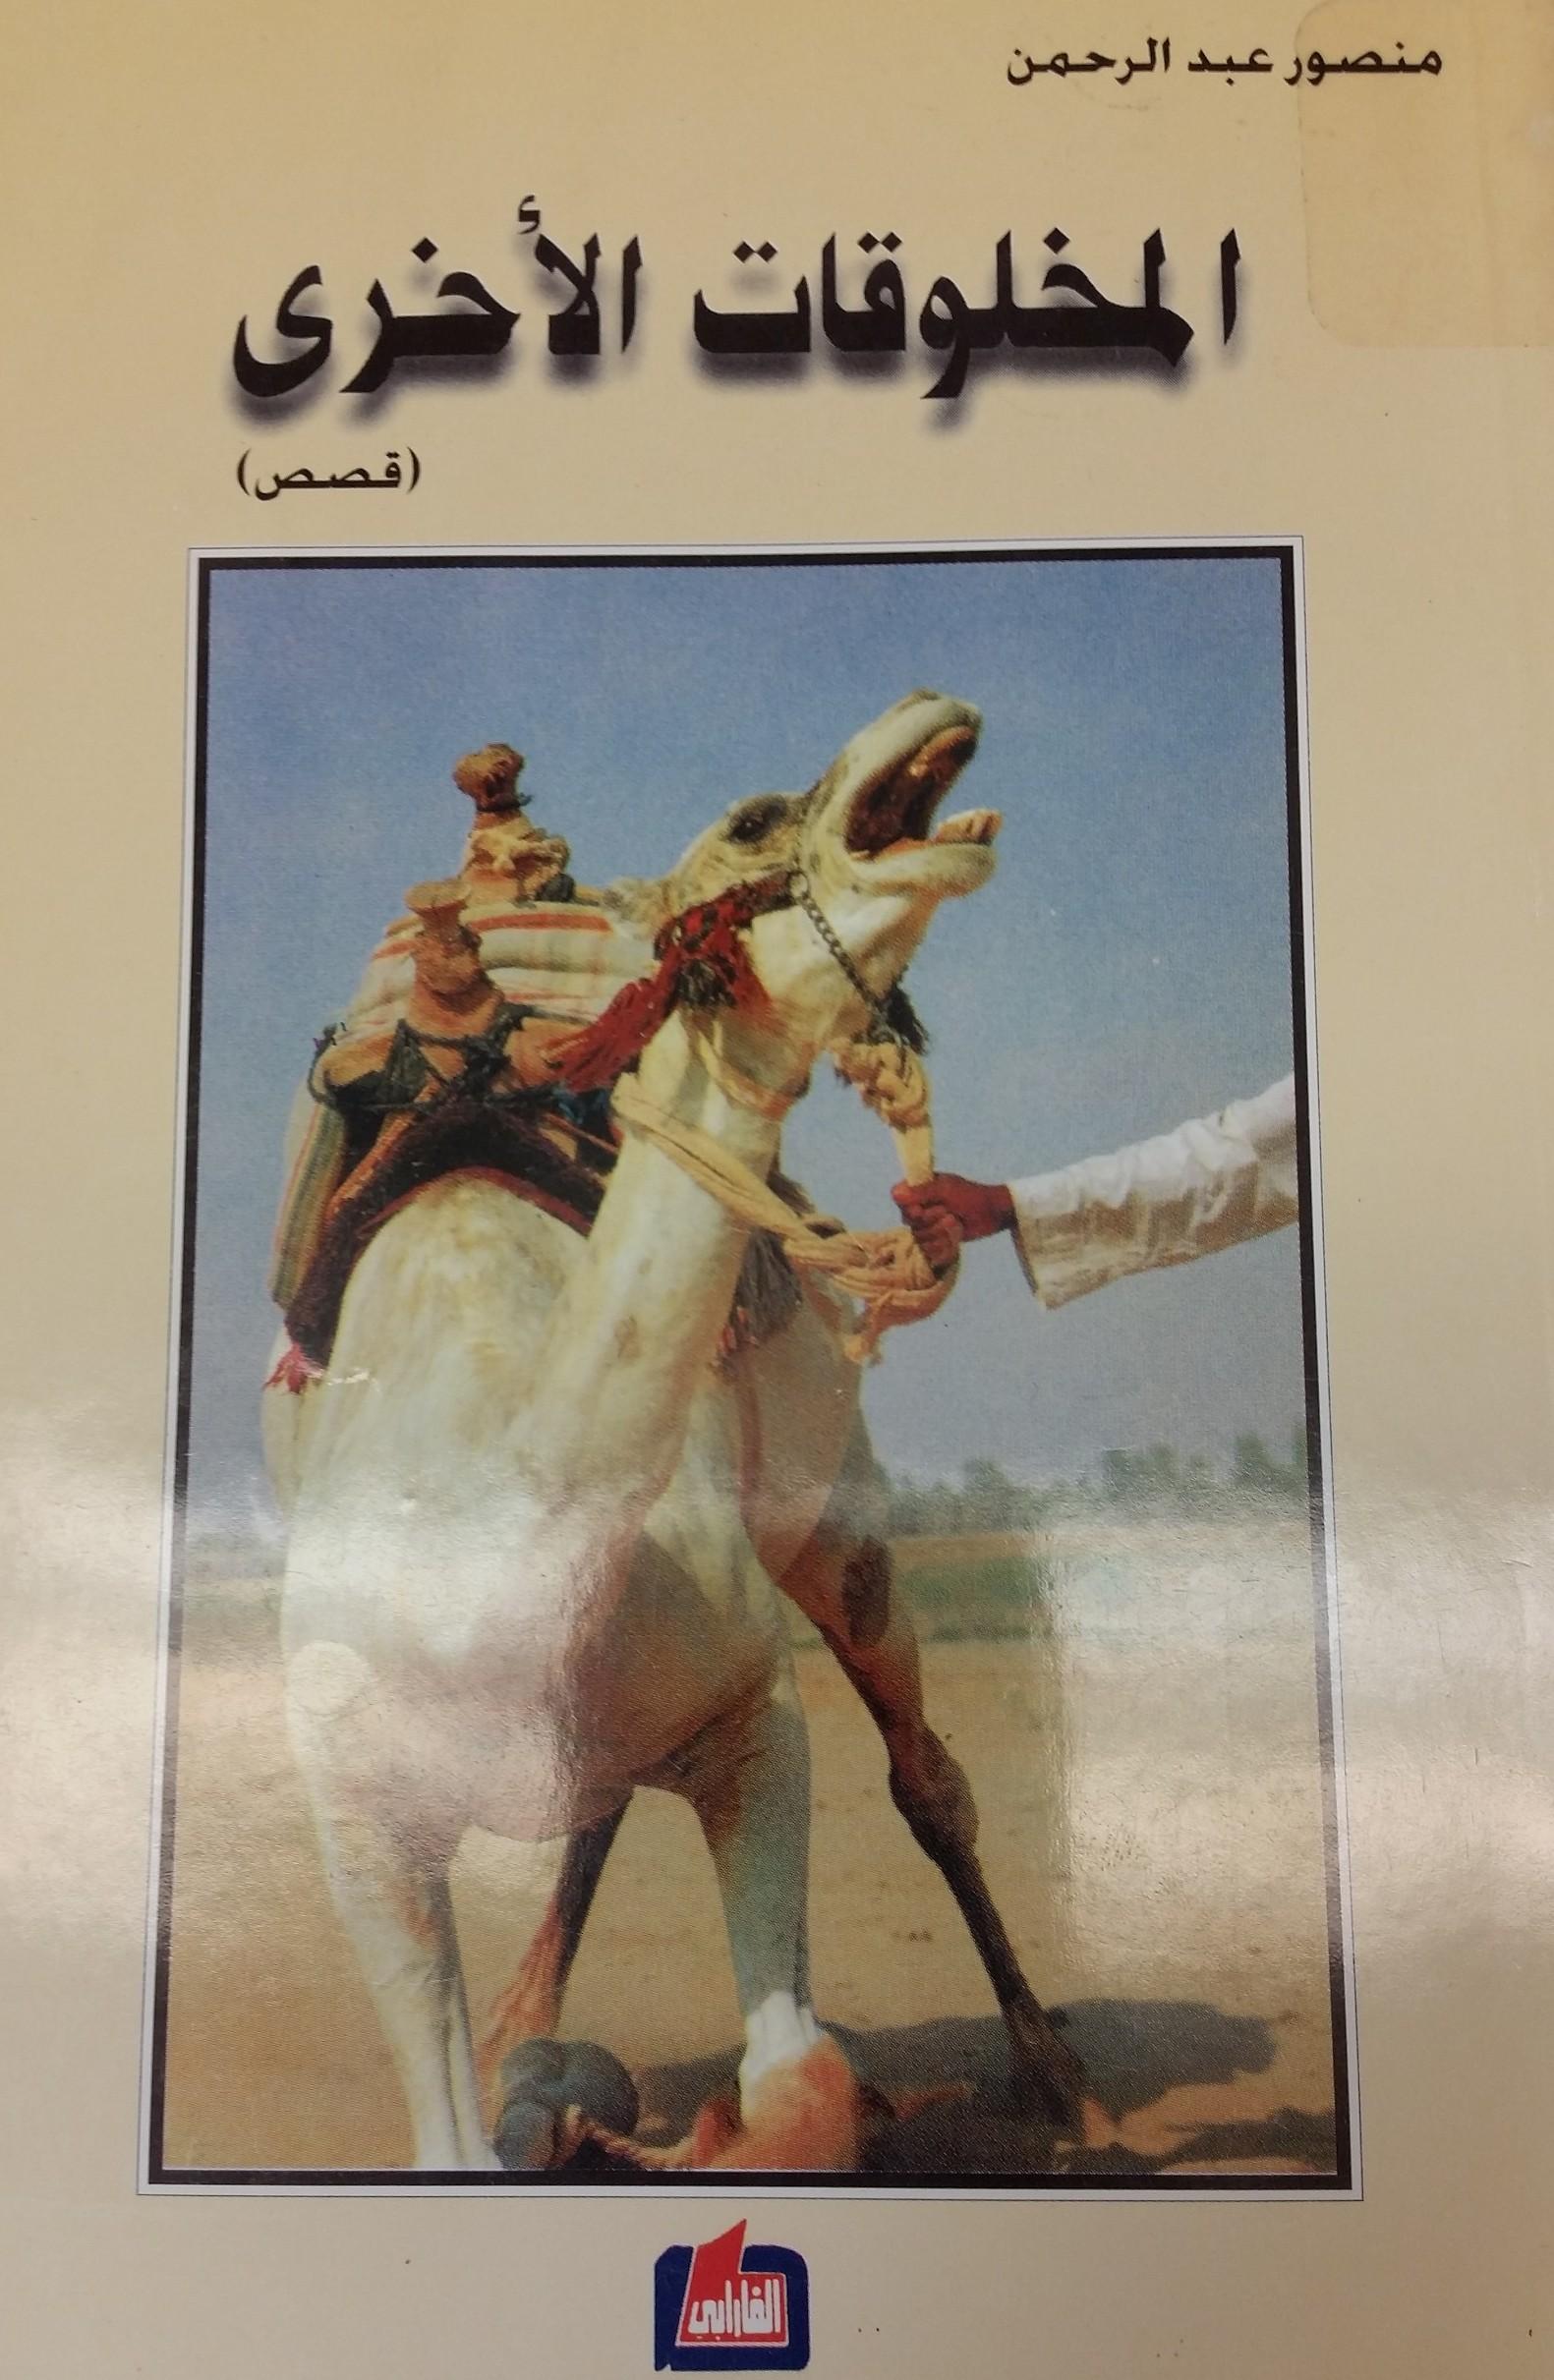 Manṣūr ʿAbd al-Raḥmān's  al-Makhlūqāt al-ukhrā (Bayrūt, Lubnān : Dār al-Fārābī, 1995